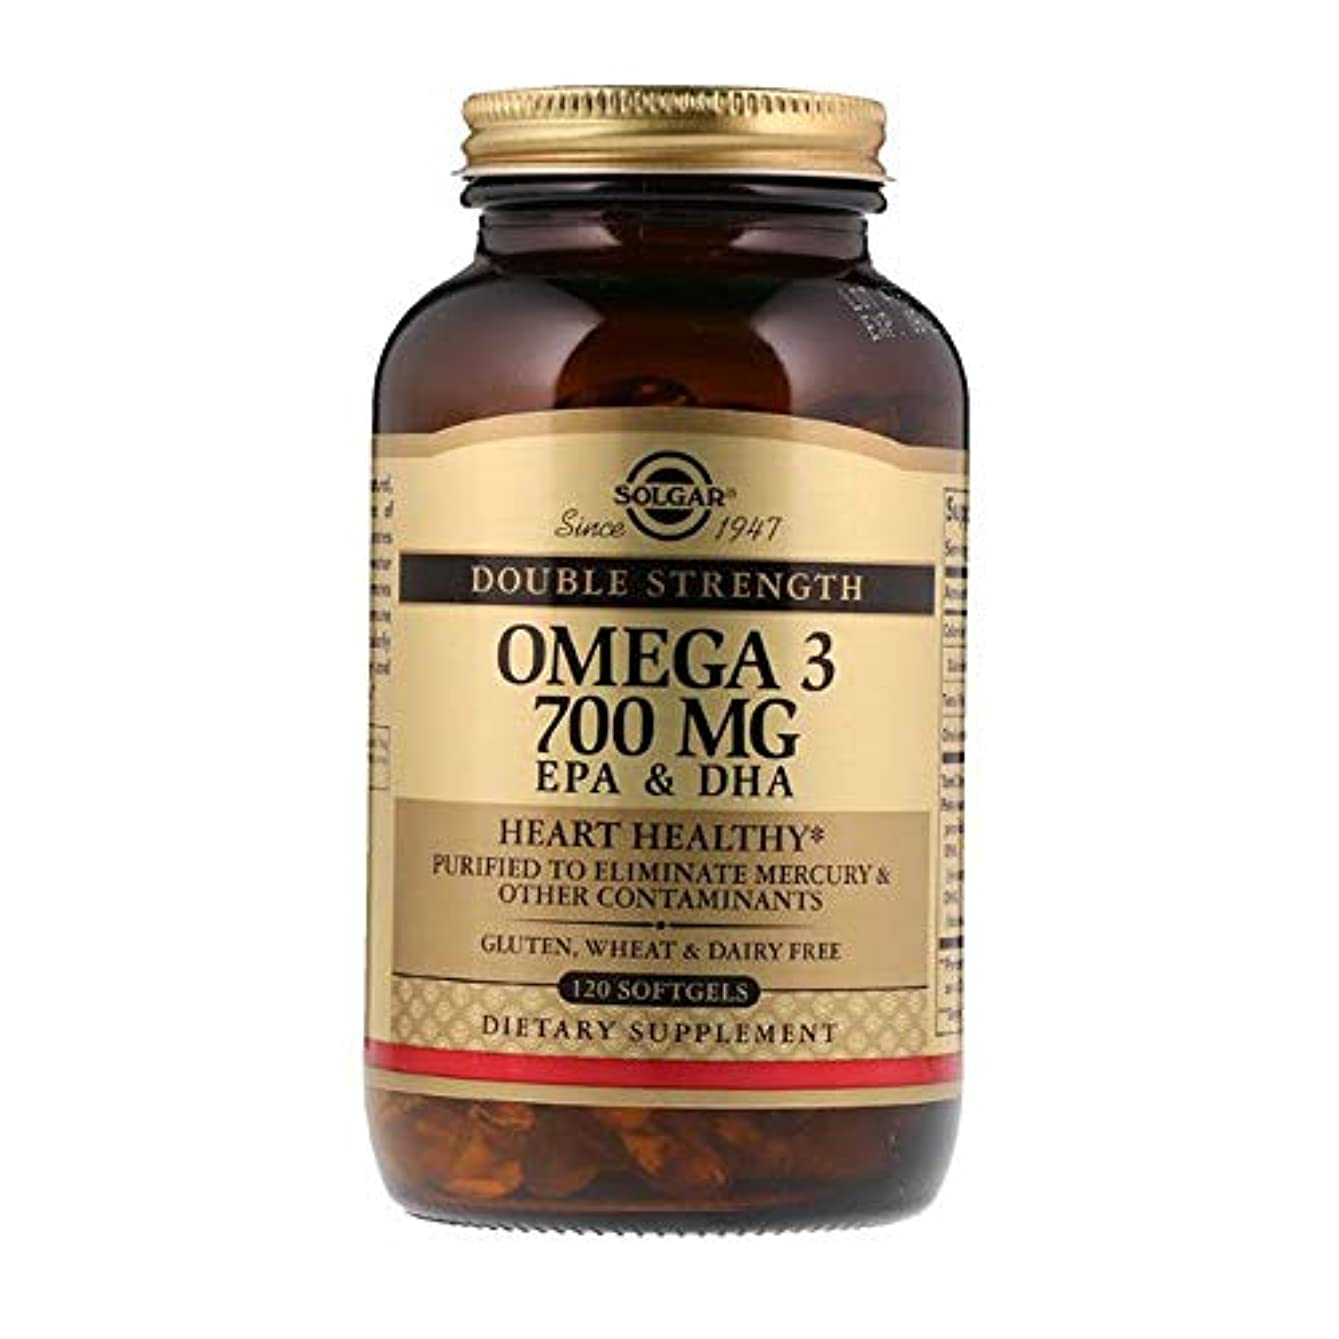 重要ブランド名肥満Solgar Omega 3 EPA DHA Double Strength 700mg 120 Softgels 【アメリカ直送】